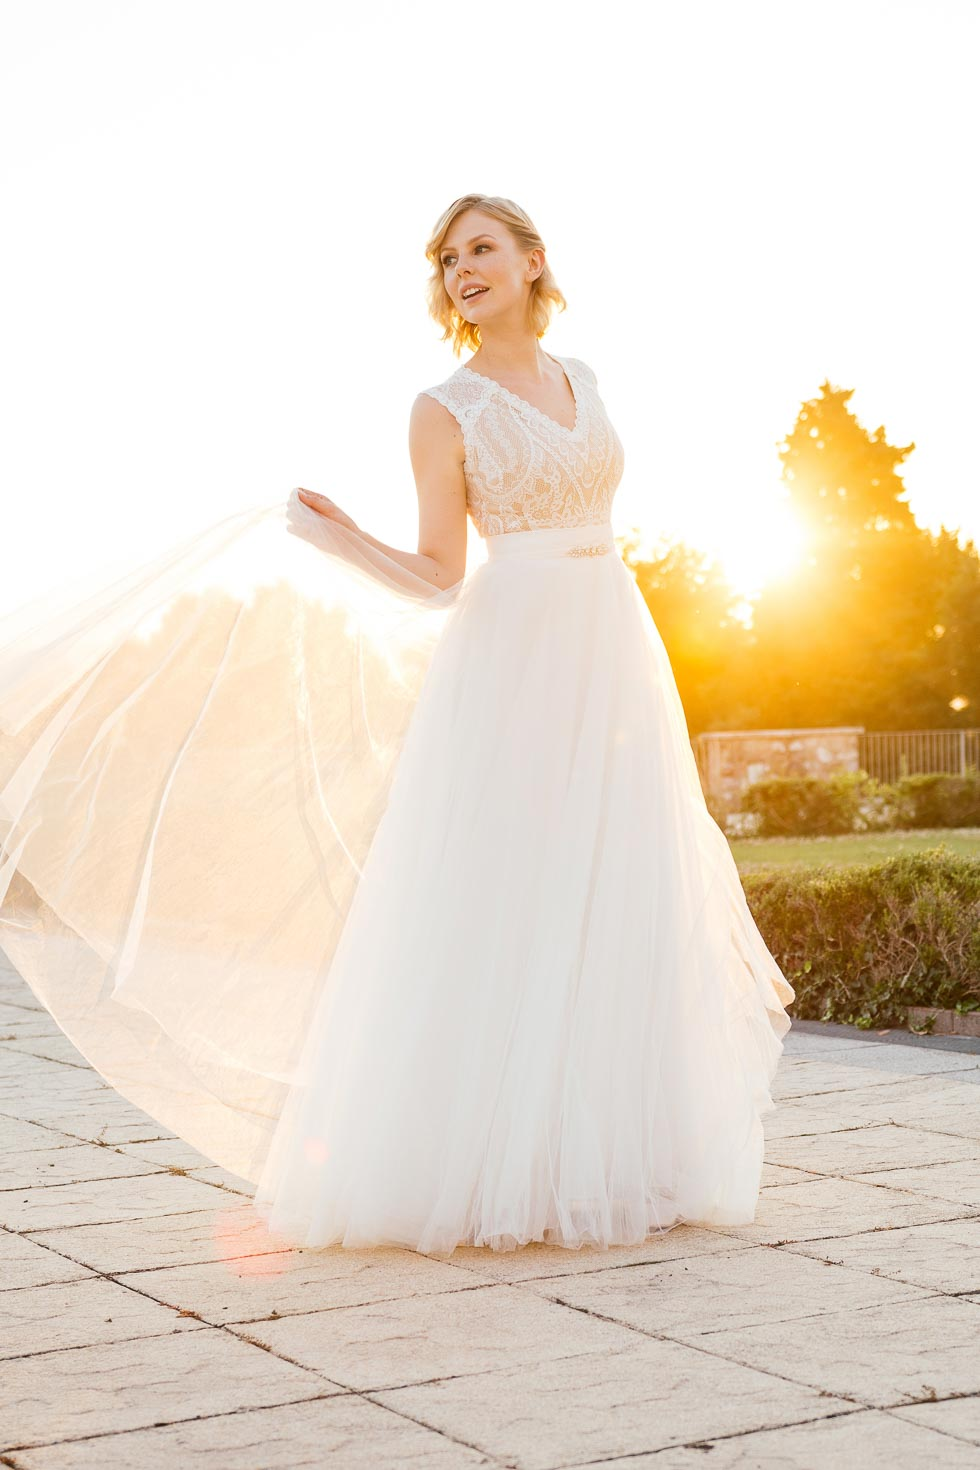 Küss die Braut – Die schönsten Brautkleider der aktuellen Kollektion ...